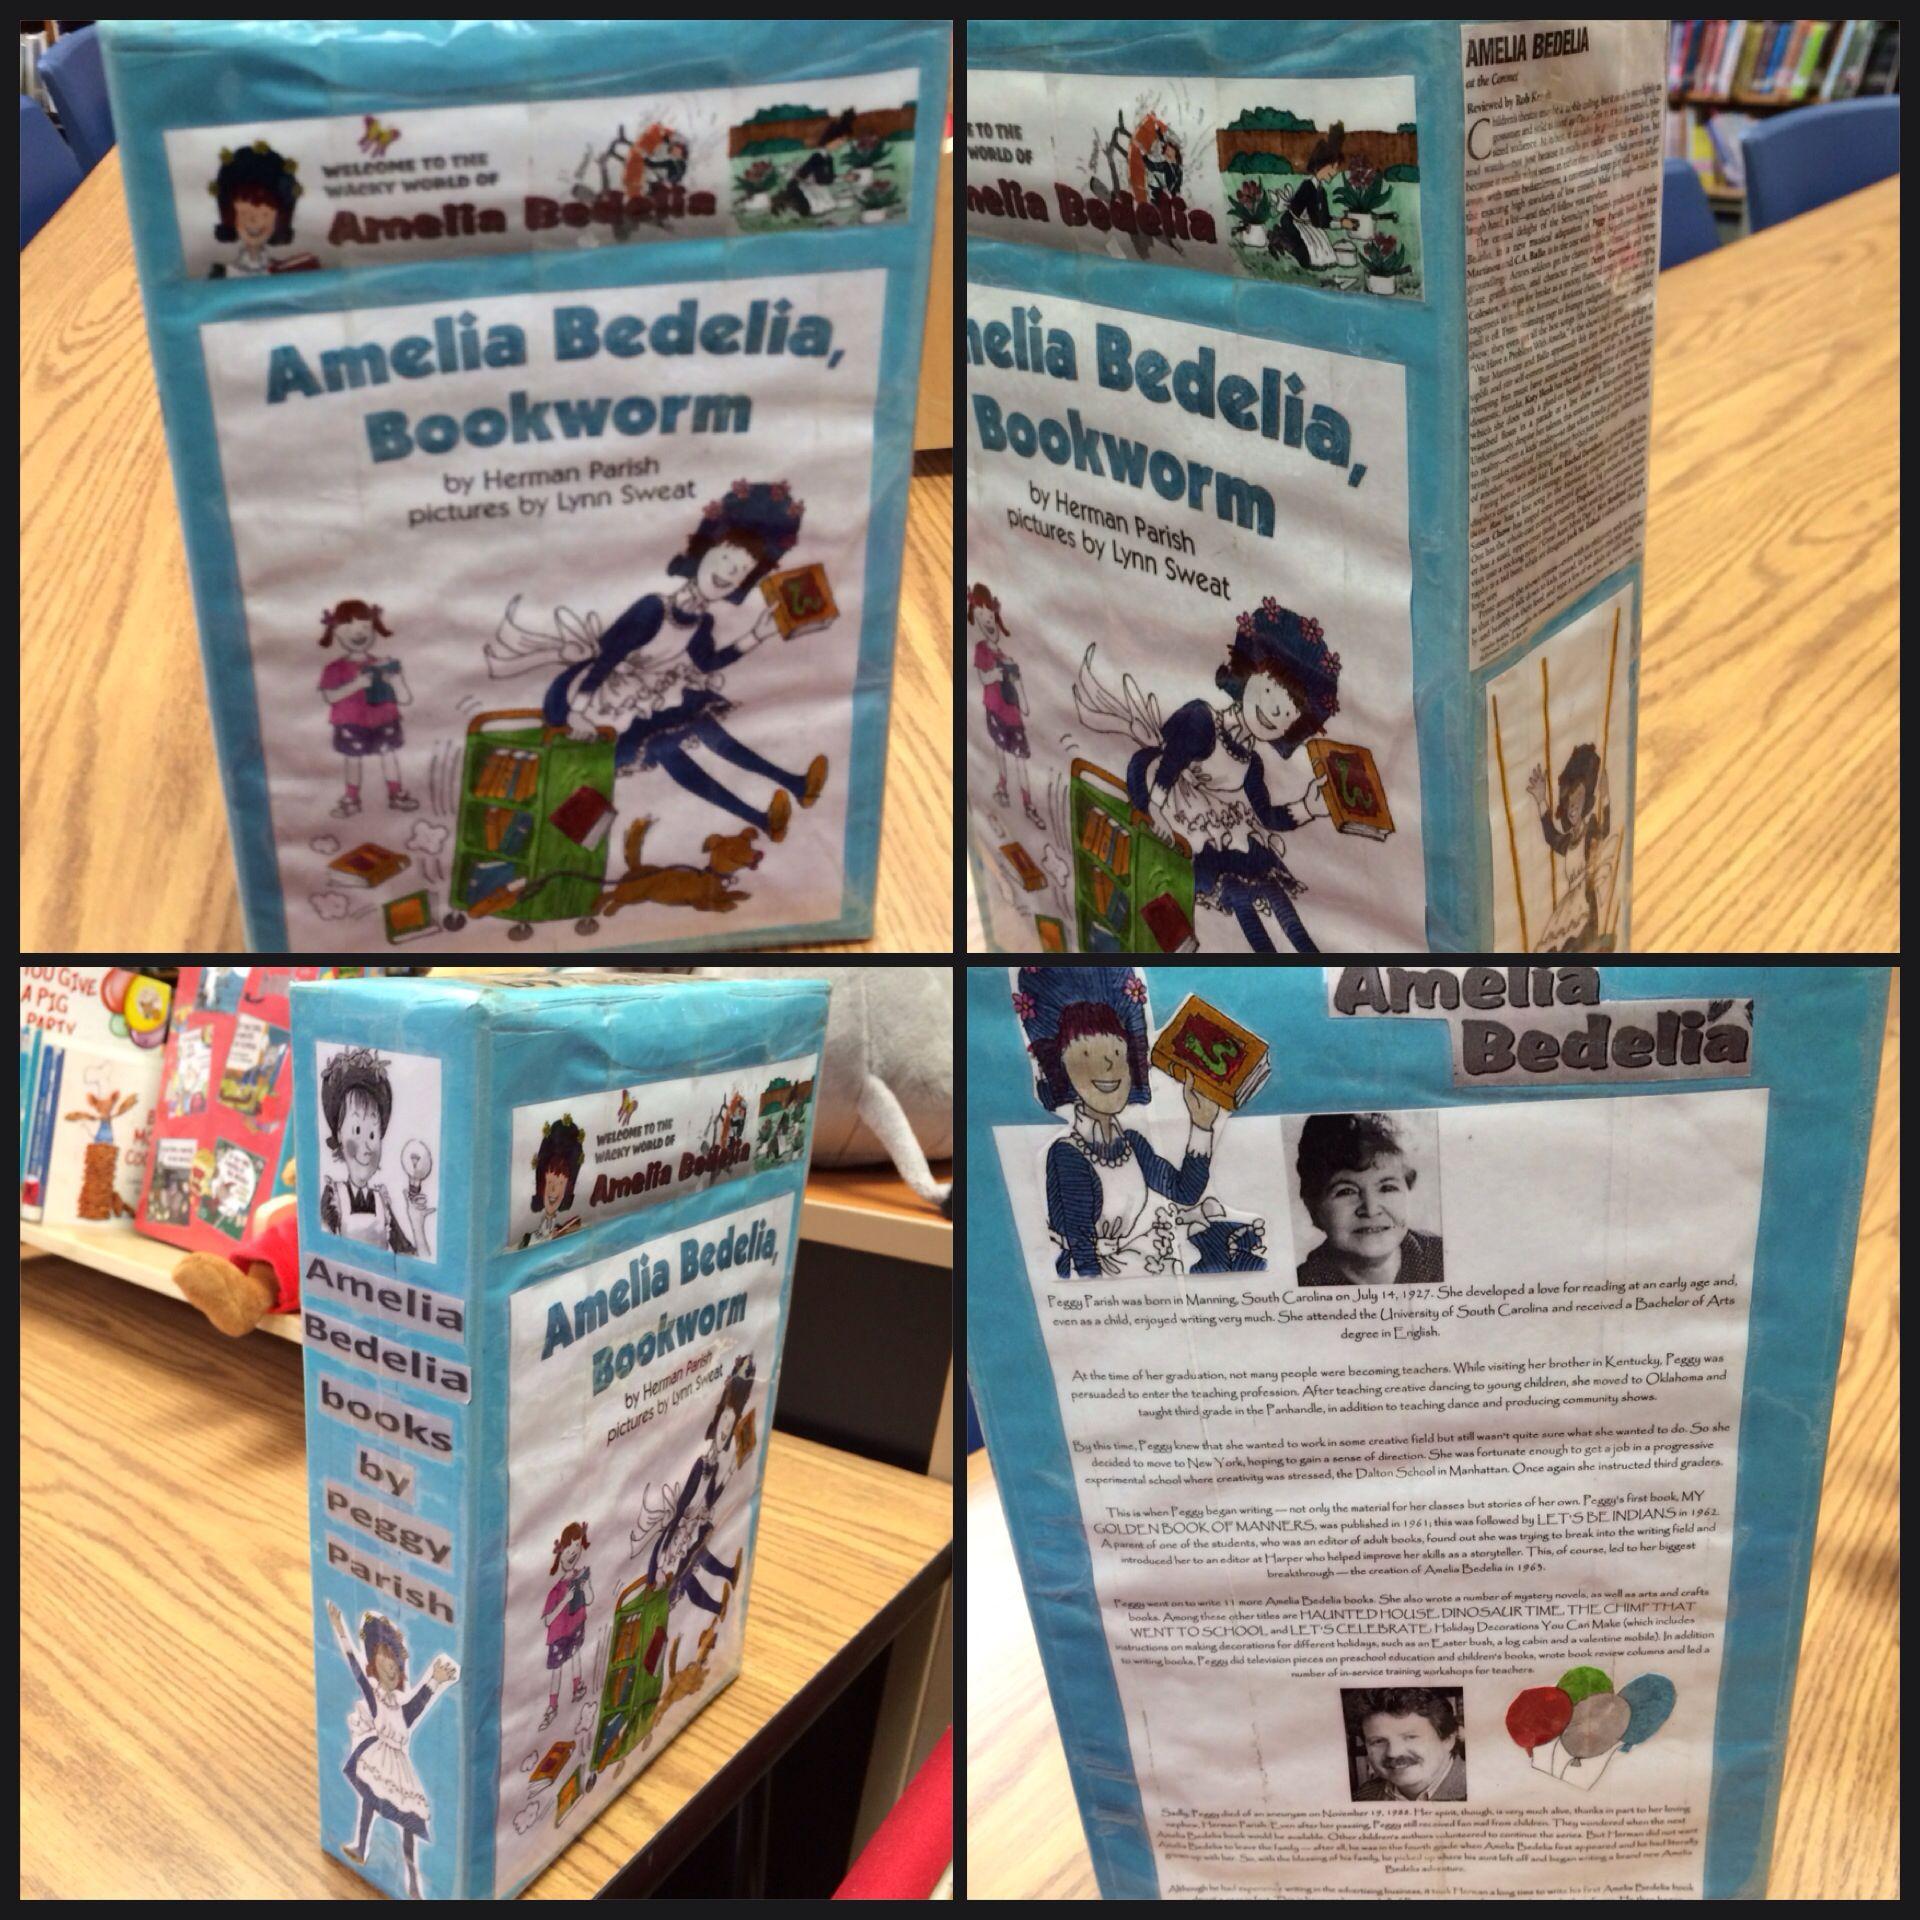 Amelia Bedelia Cereal Box